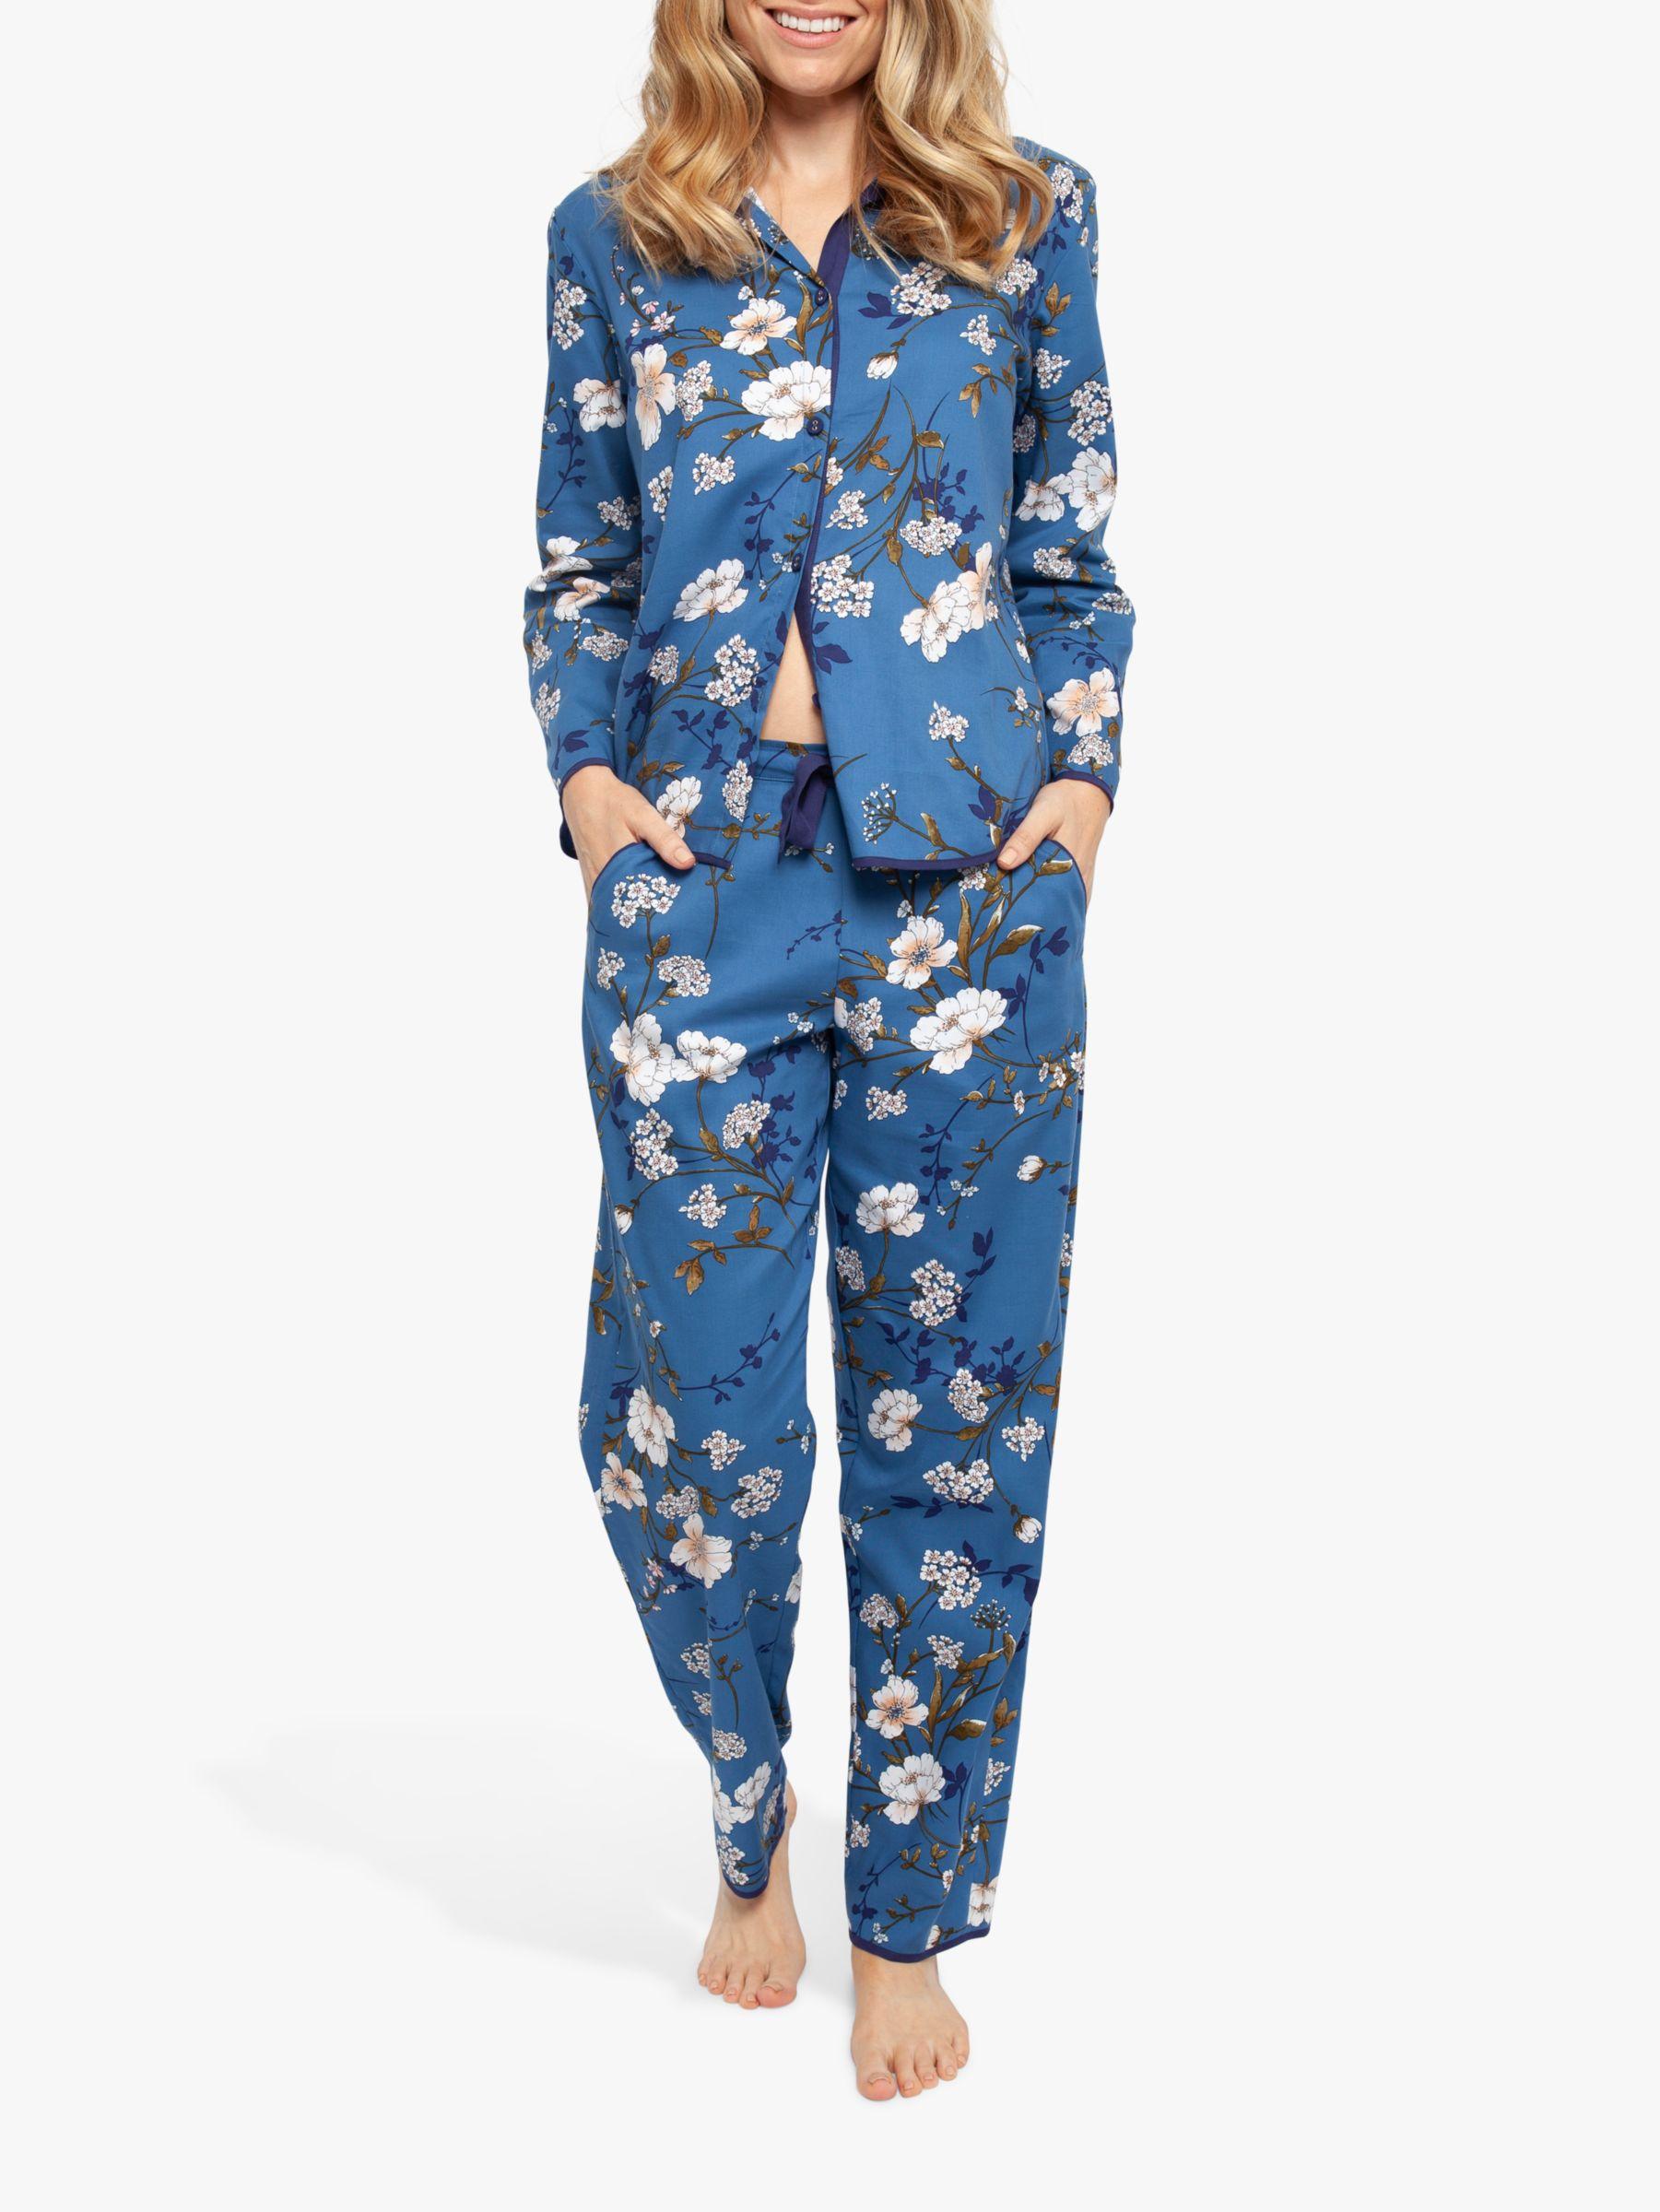 Cyberjammies Cyberjammies Heather Floral Print Pyjama Set, Blue